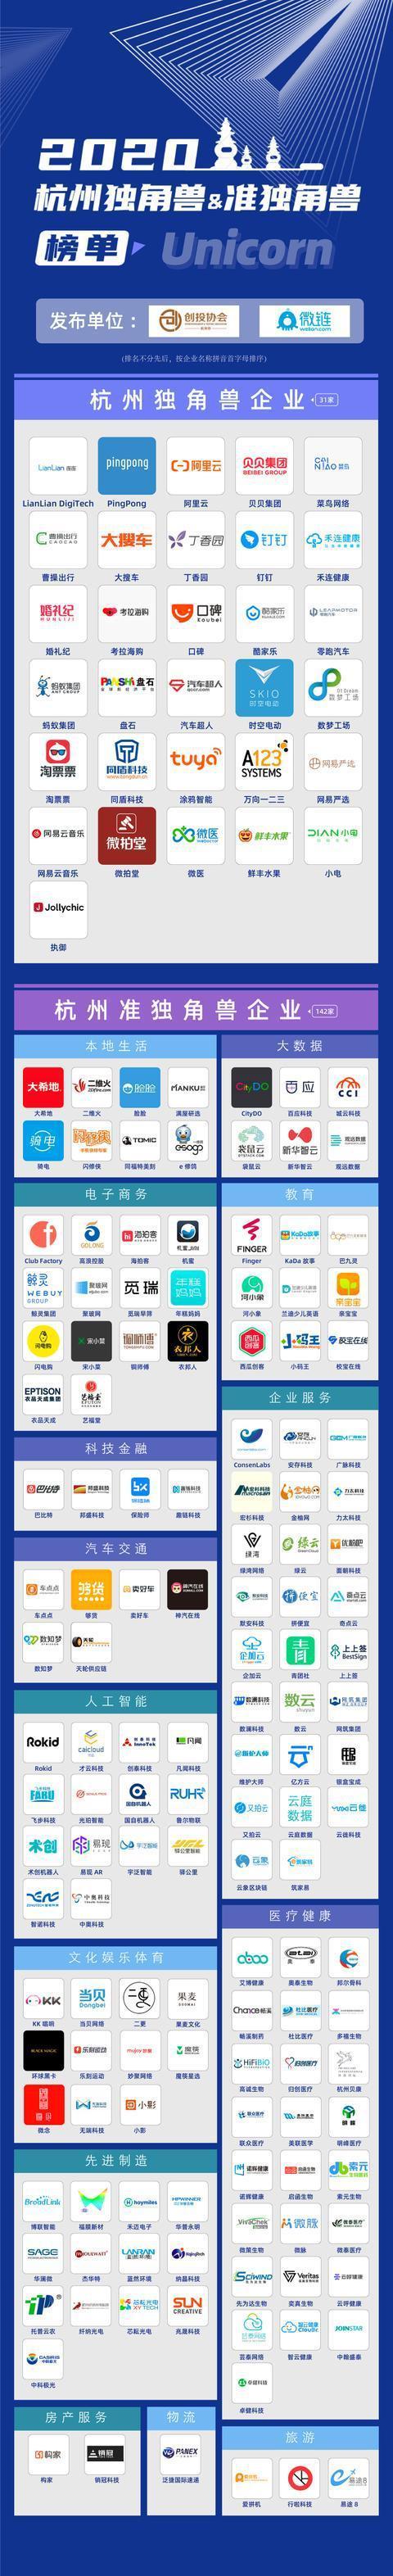 2020杭州独角兽&准独角兽企业榜单发布